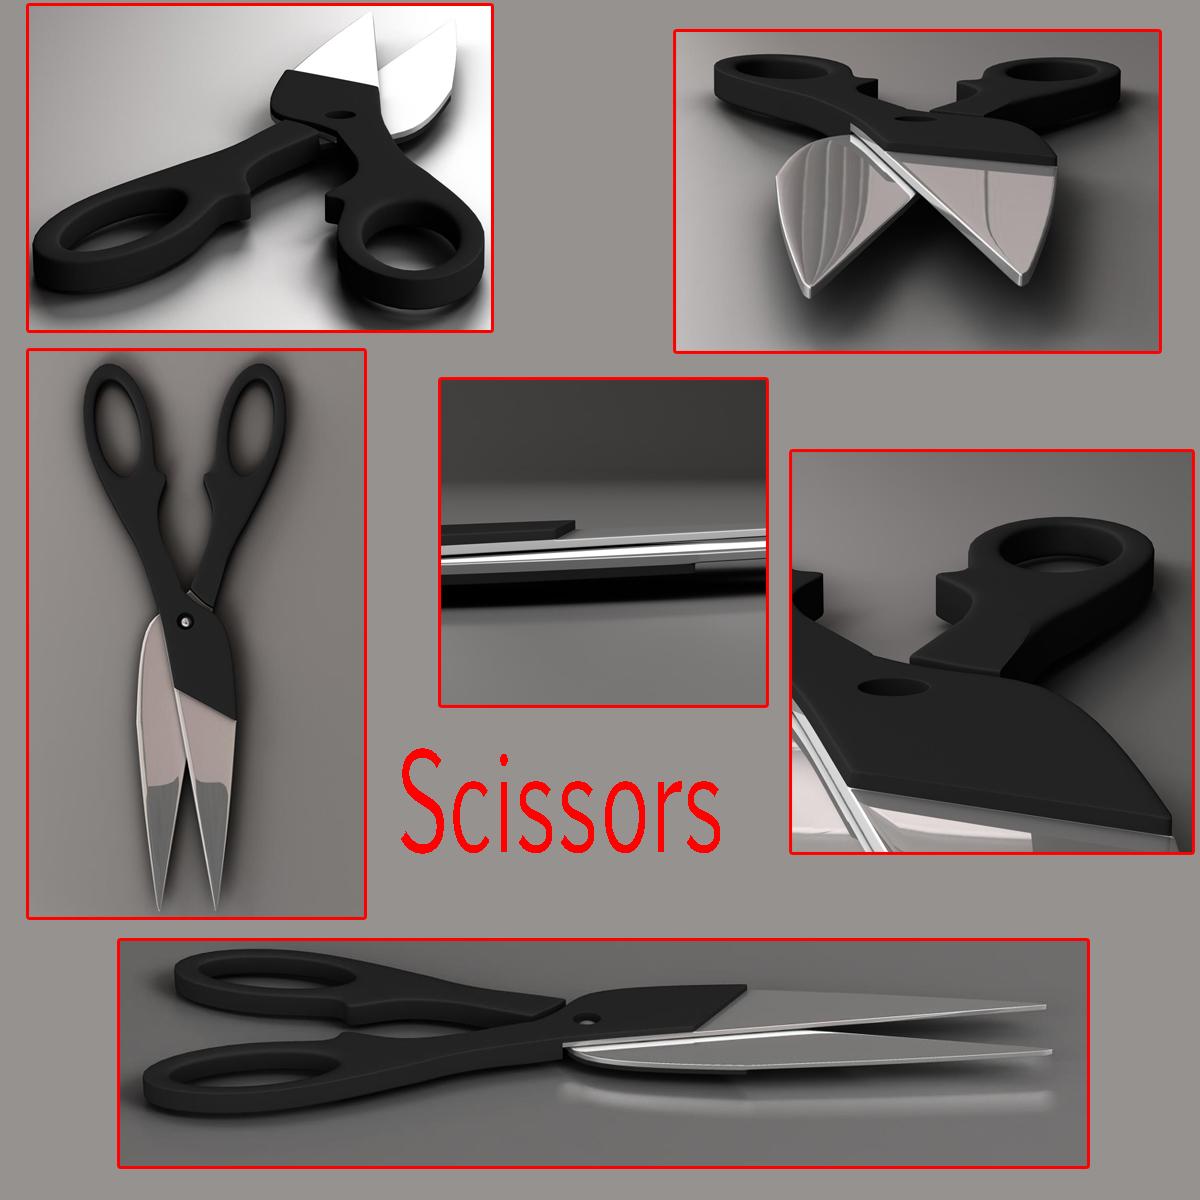 kitche utensils kit 3d model max fbx c4d ma mb obj 159295